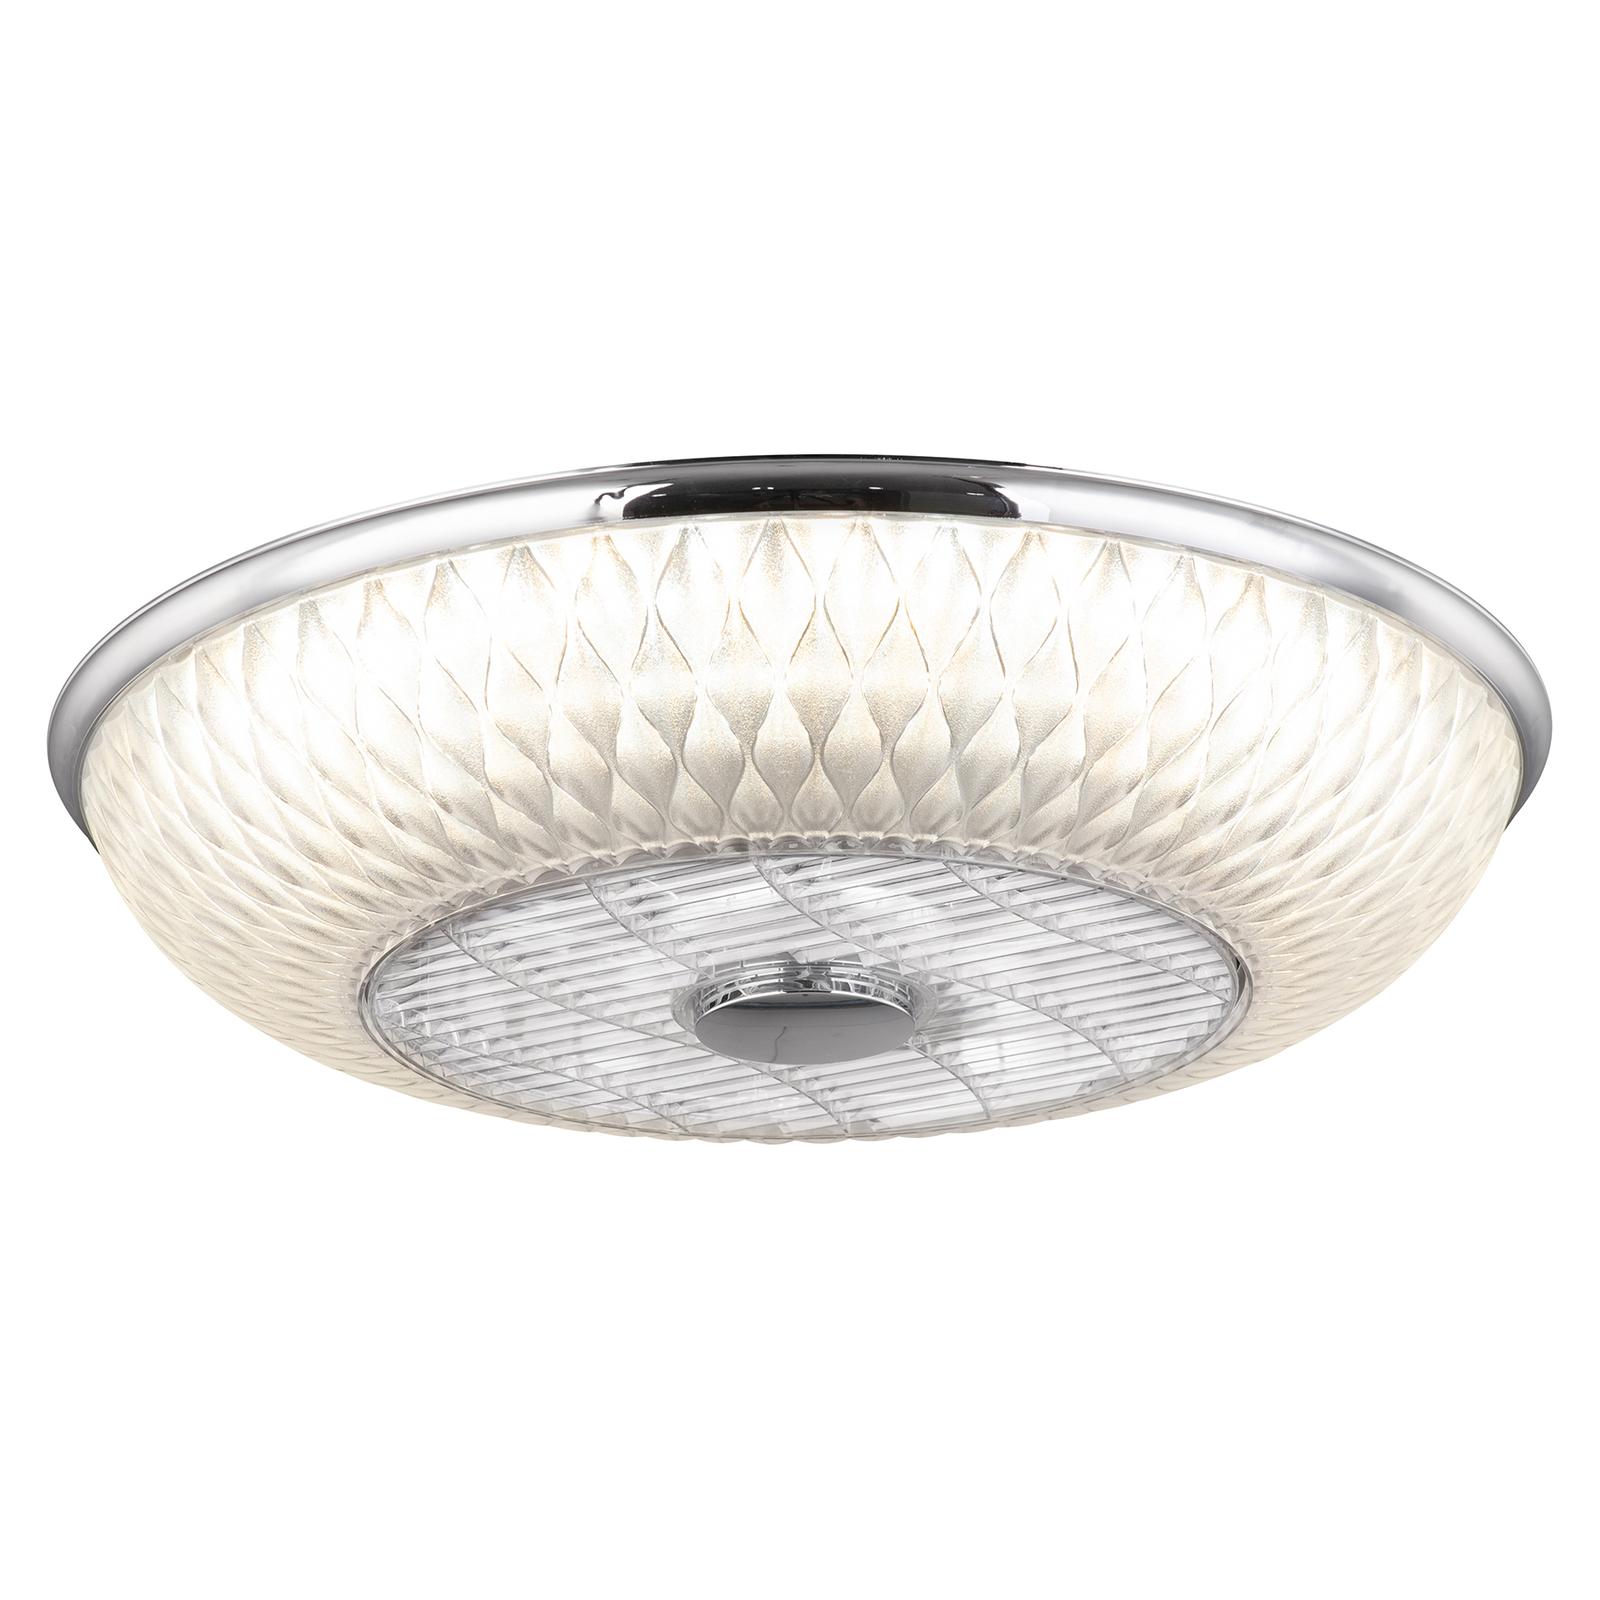 Acquista Ventilatore LED a pale Rosario, bianco-cromo